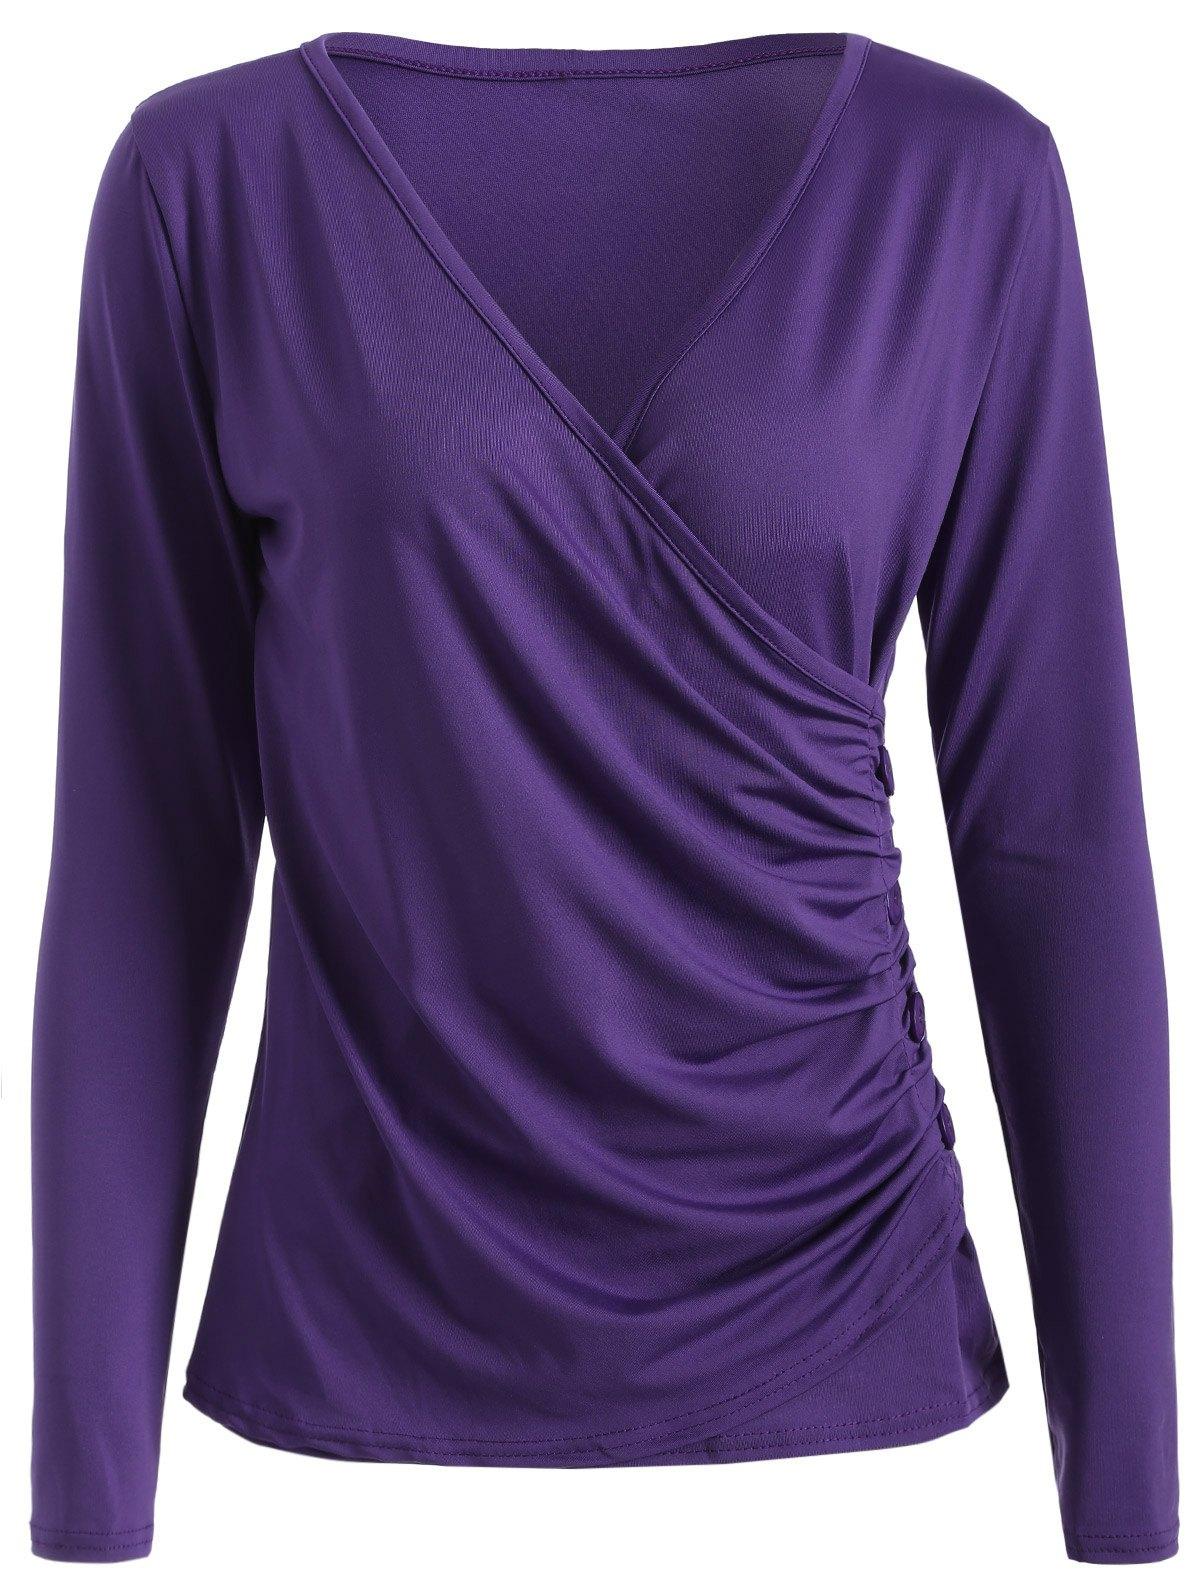 Buttons Runched Surplice T-ShirtClothes<br><br><br>Size: XL<br>Color: PURPLE